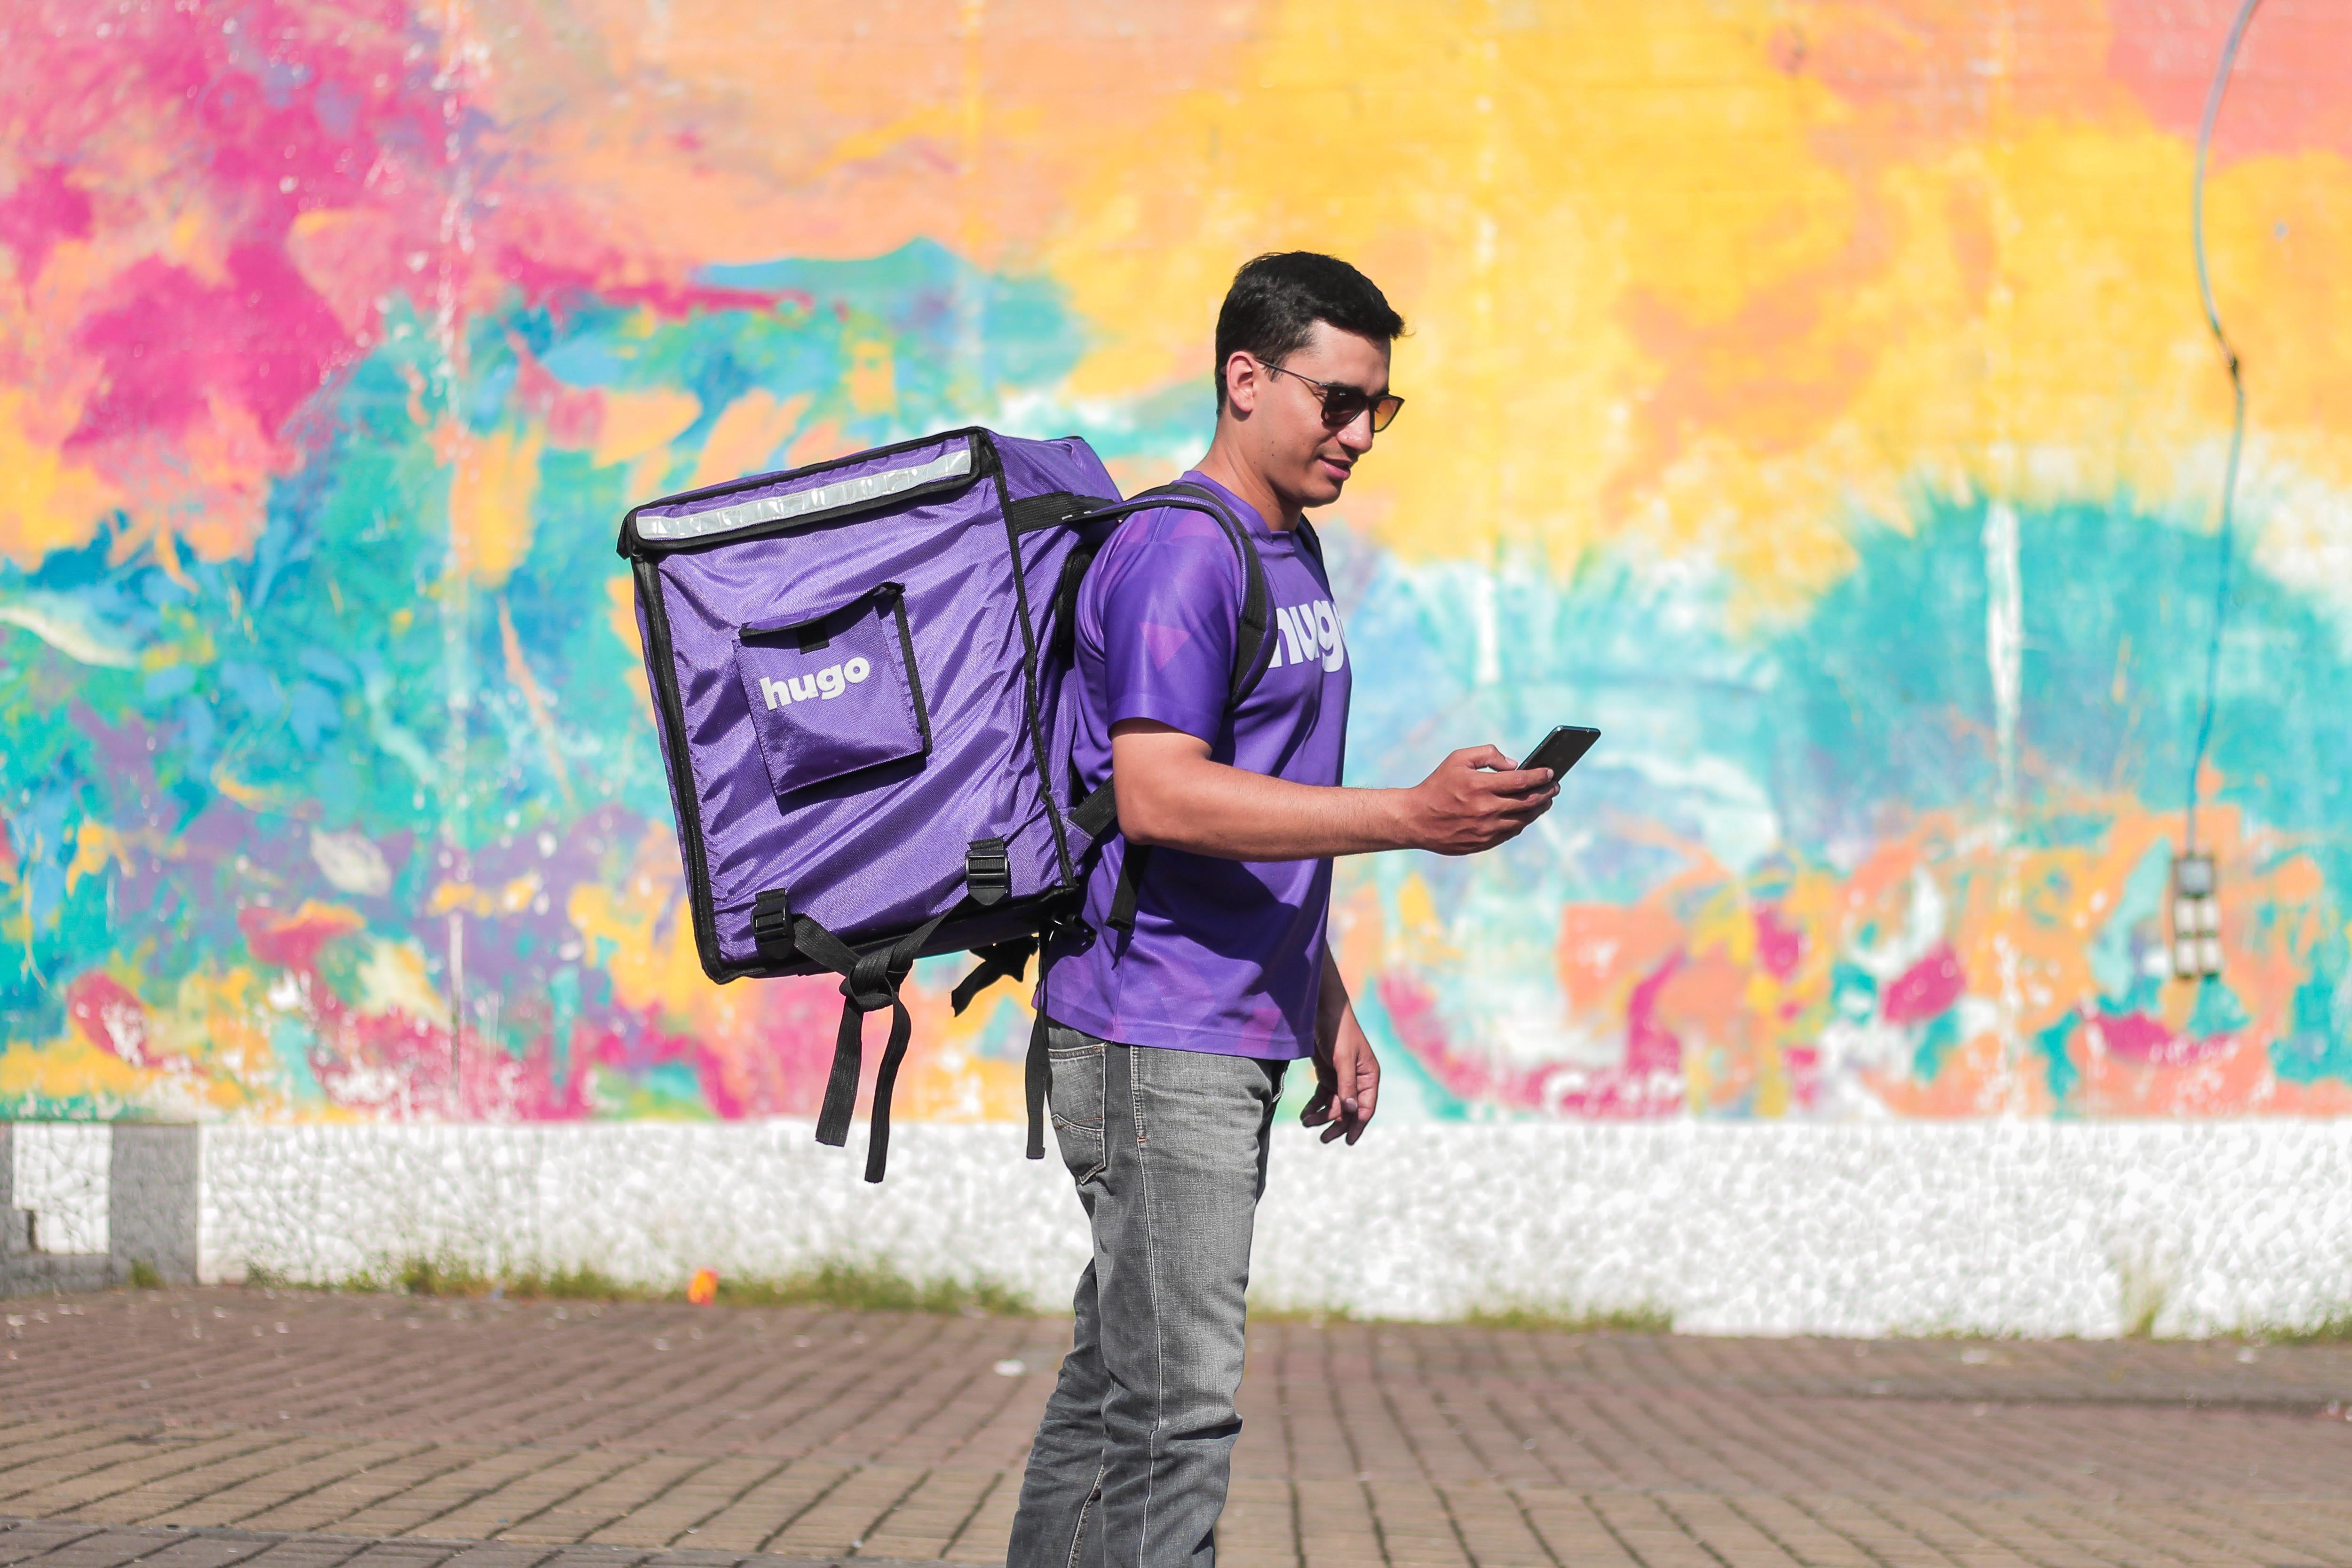 Hugo App cierra ronda de inversión millonaria en Latinoamérica